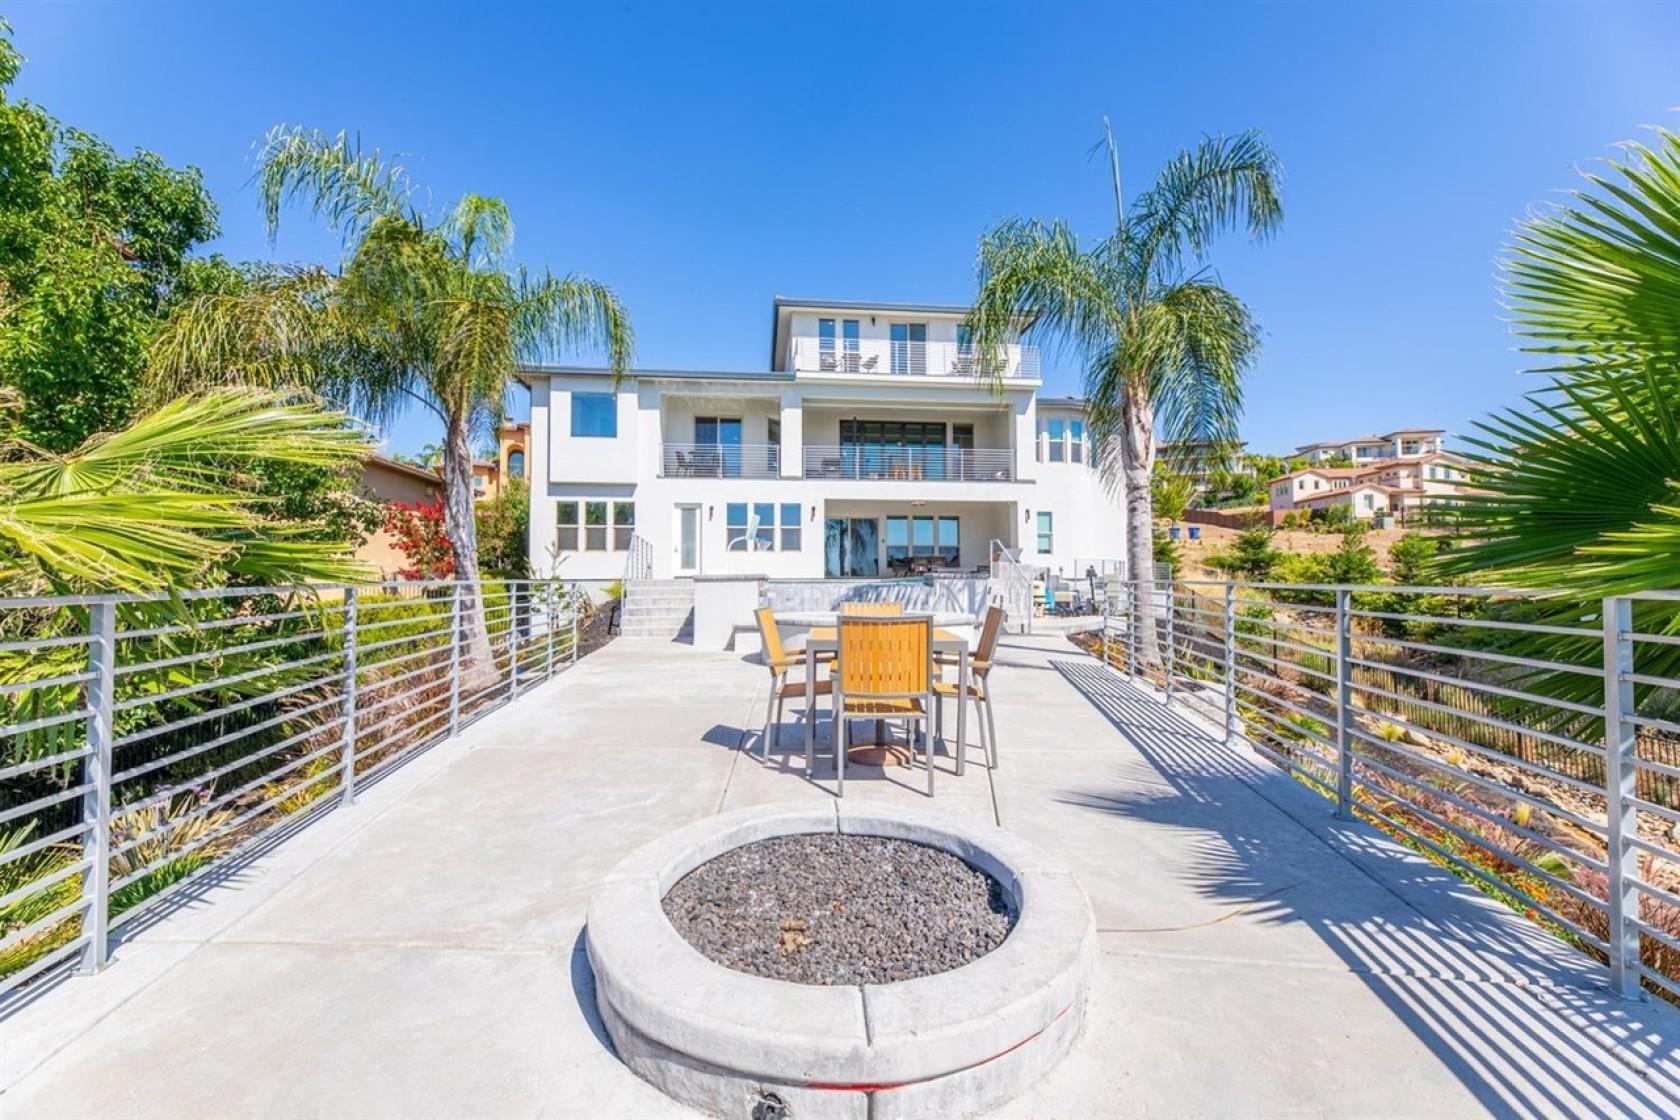 达龙-福克斯挂牌出售其加州佛森的豪宅,售价170万美元